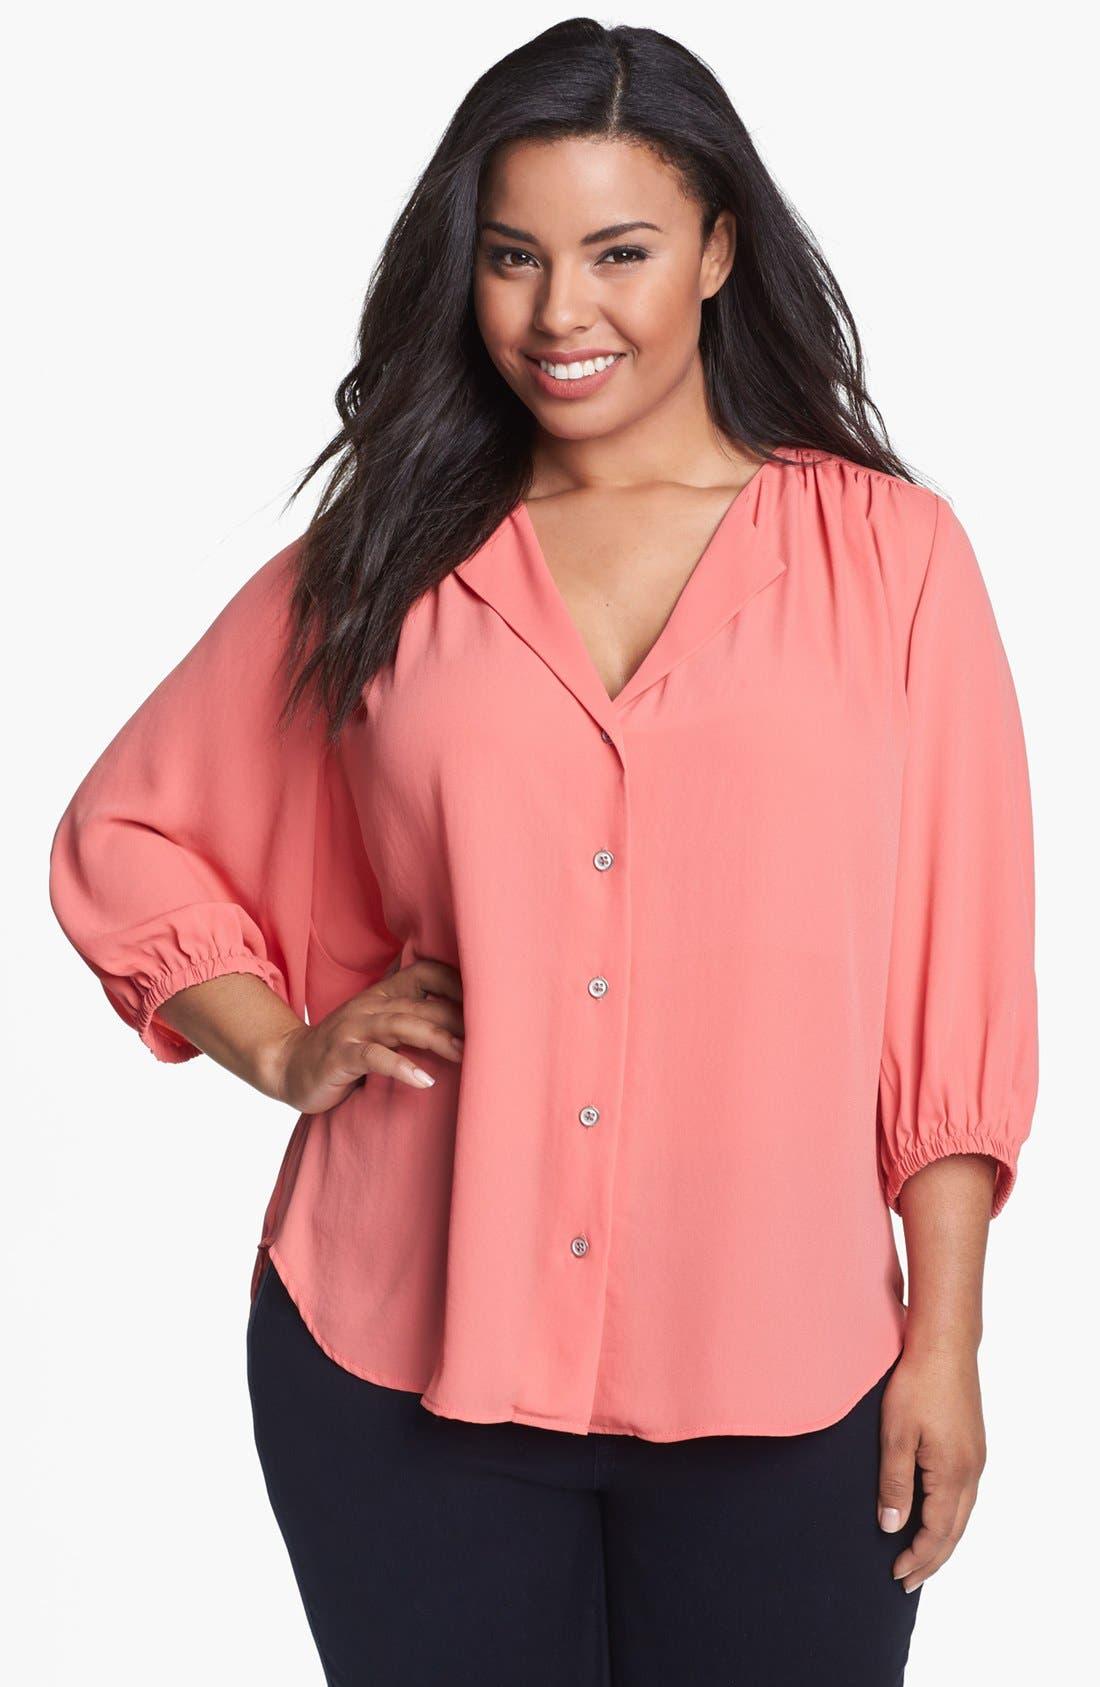 Alternate Image 1 Selected - Karen Kane Blouson Shirt (Plus Size)